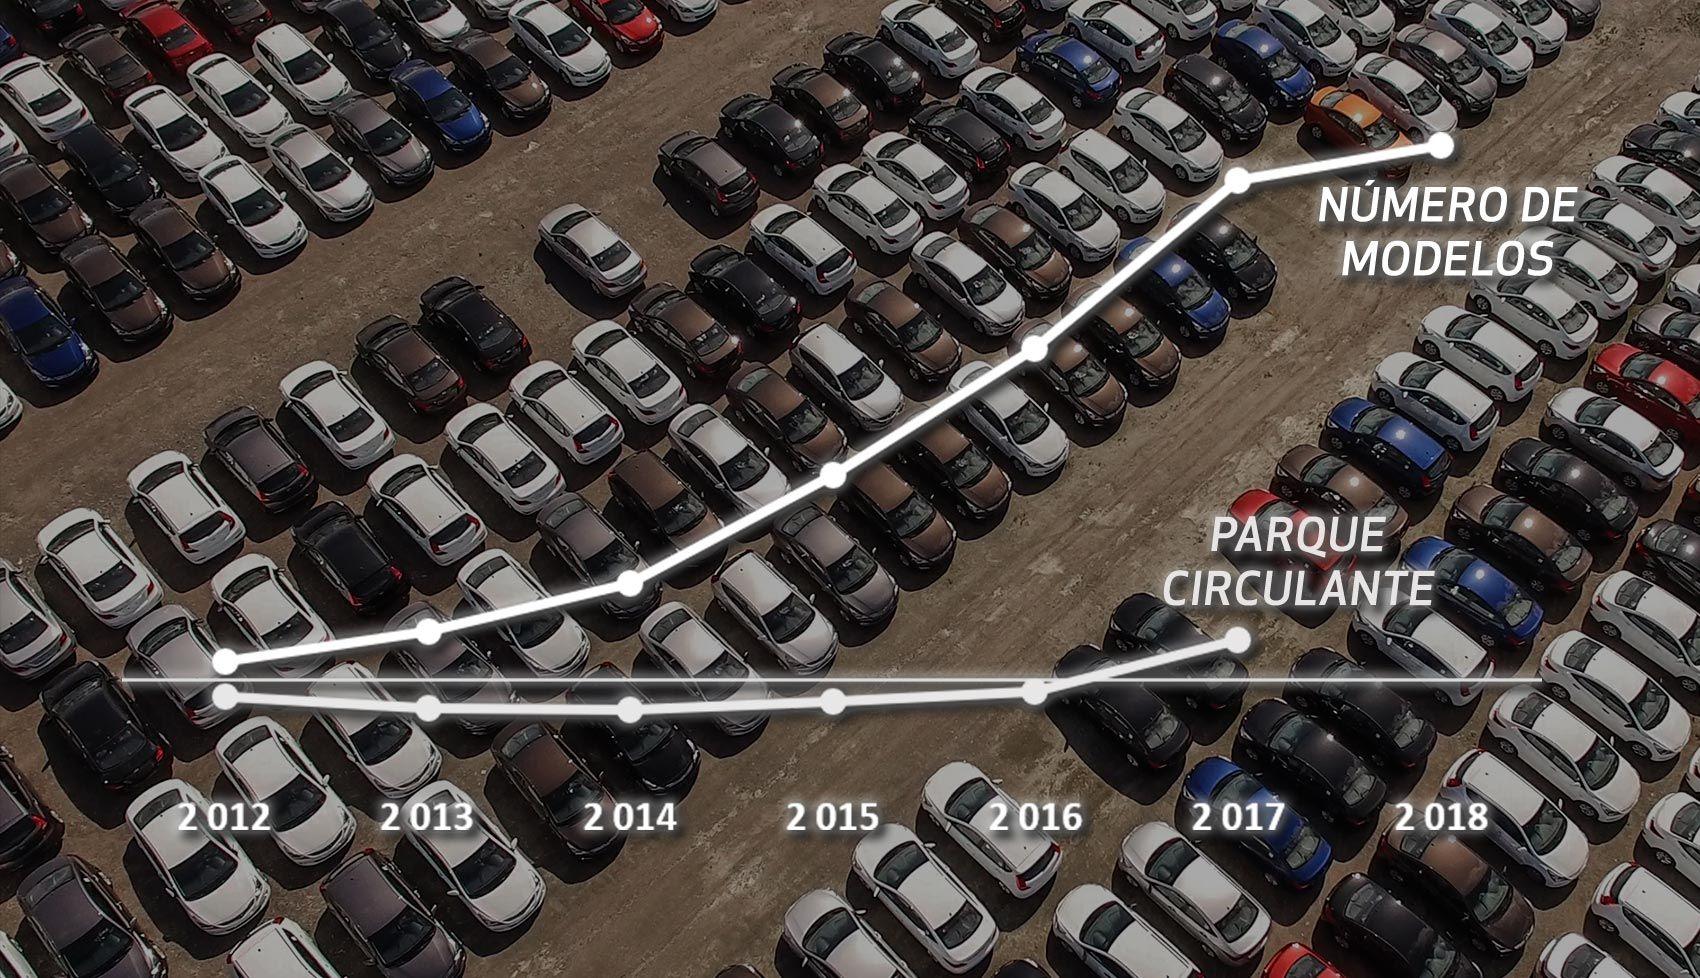 Modelos Automóveis em circulação crescem, em Portugal, 39% em 6 anos!